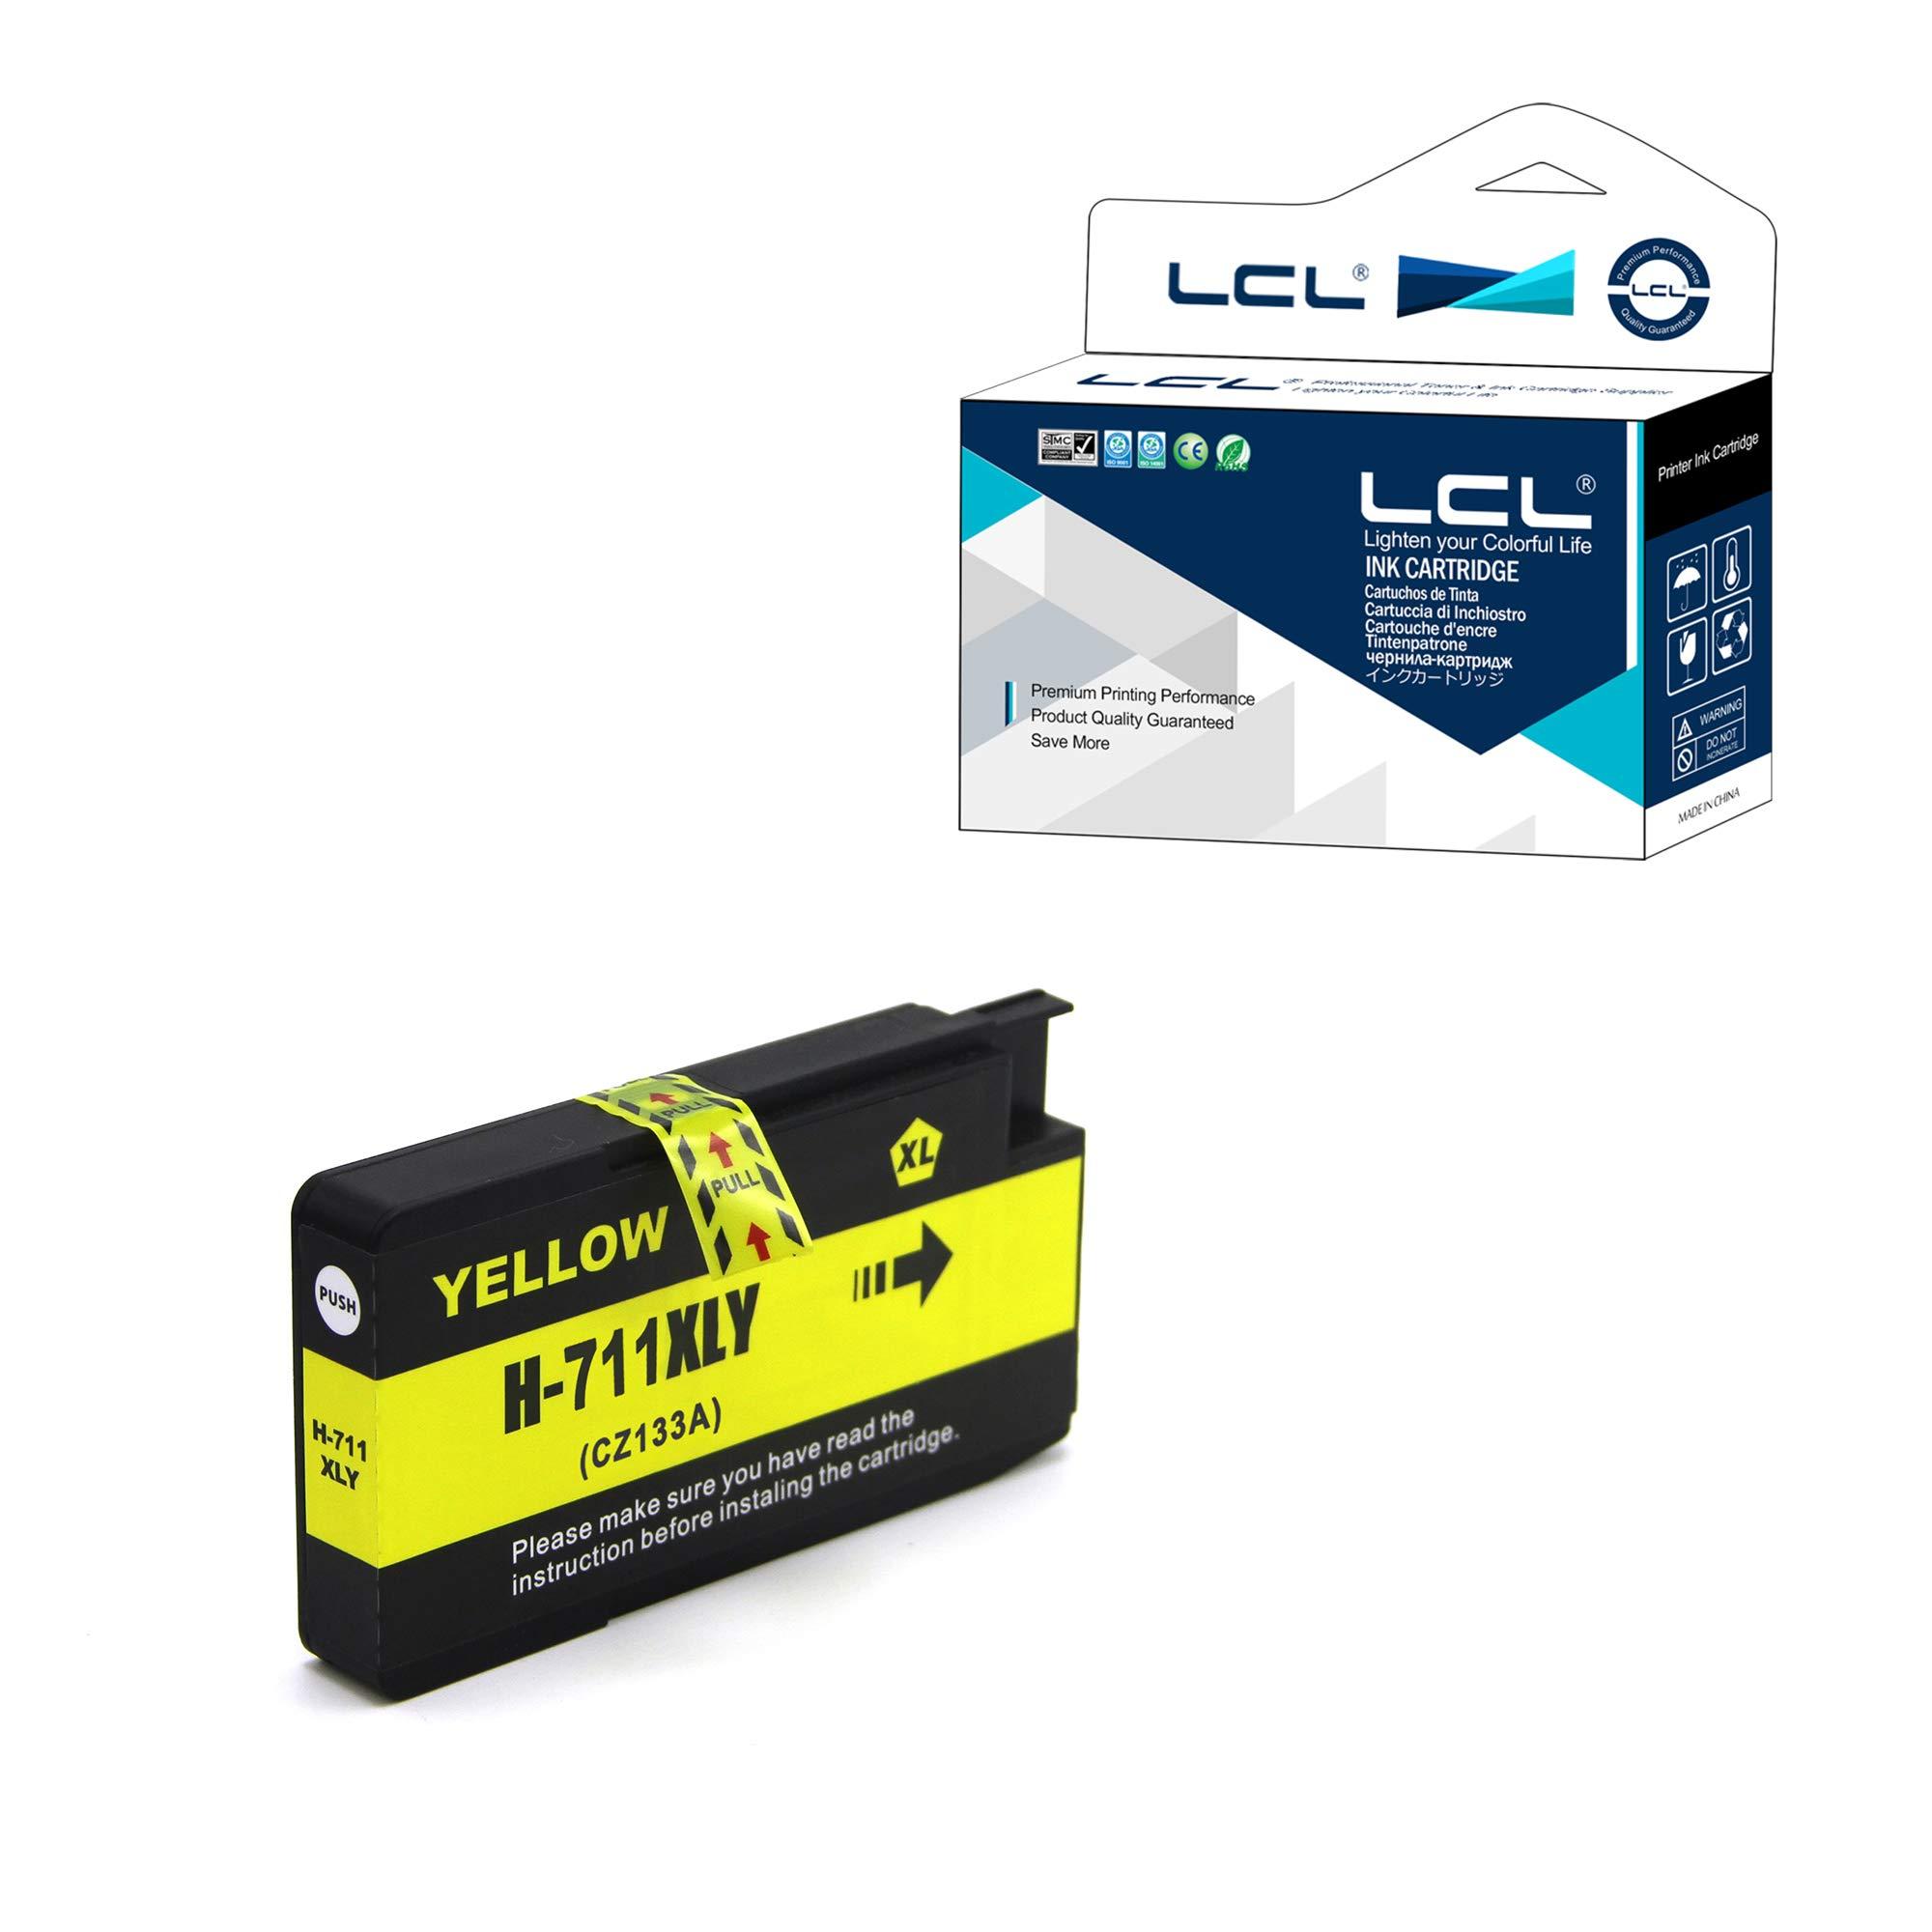 LCL Cartucho de Tinta Compatible 711XL 711 XL CZ132A Pigment (1Amarillo) Reemplazo para HP Designjet T120 24 T120 610 T520 24 T520 36 T520 610 T520 914: Amazon.es: Electrónica